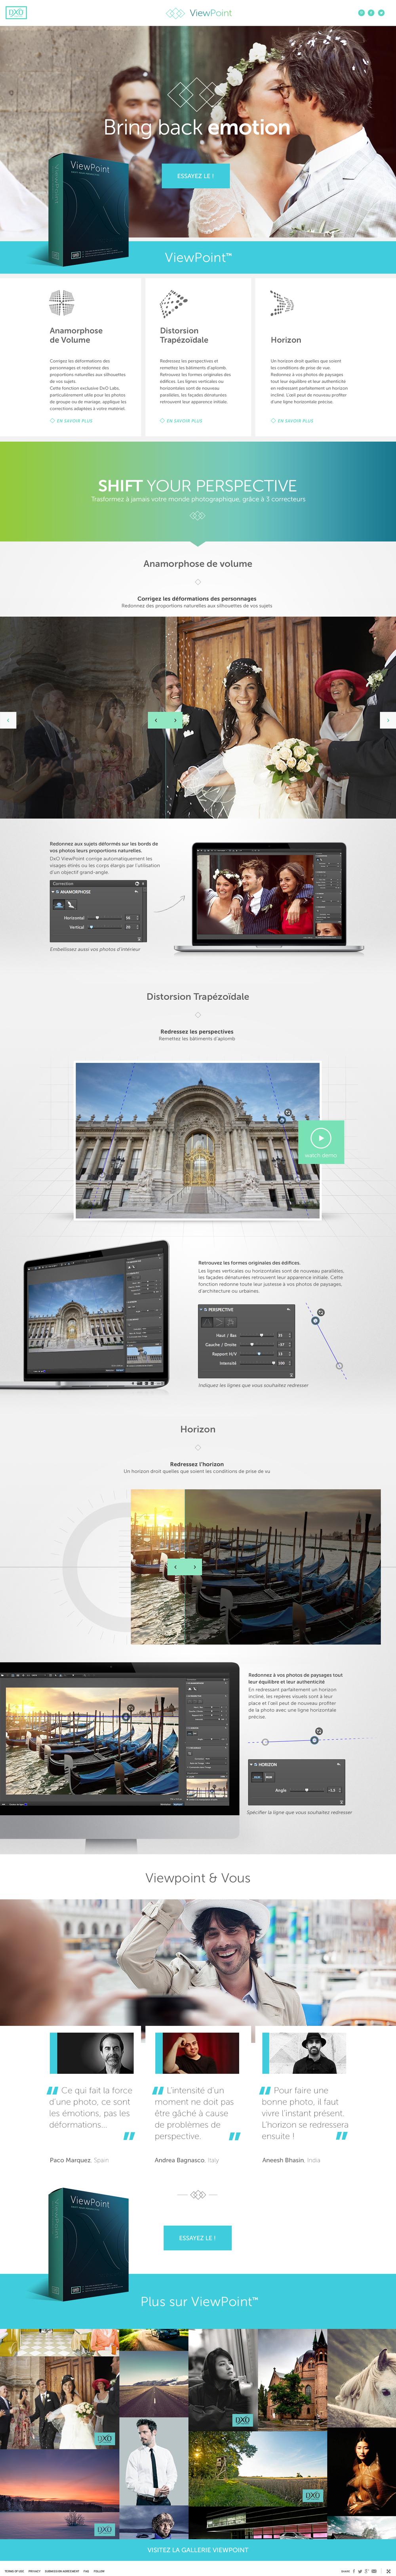 VP_ProductPage_01.2.jpg